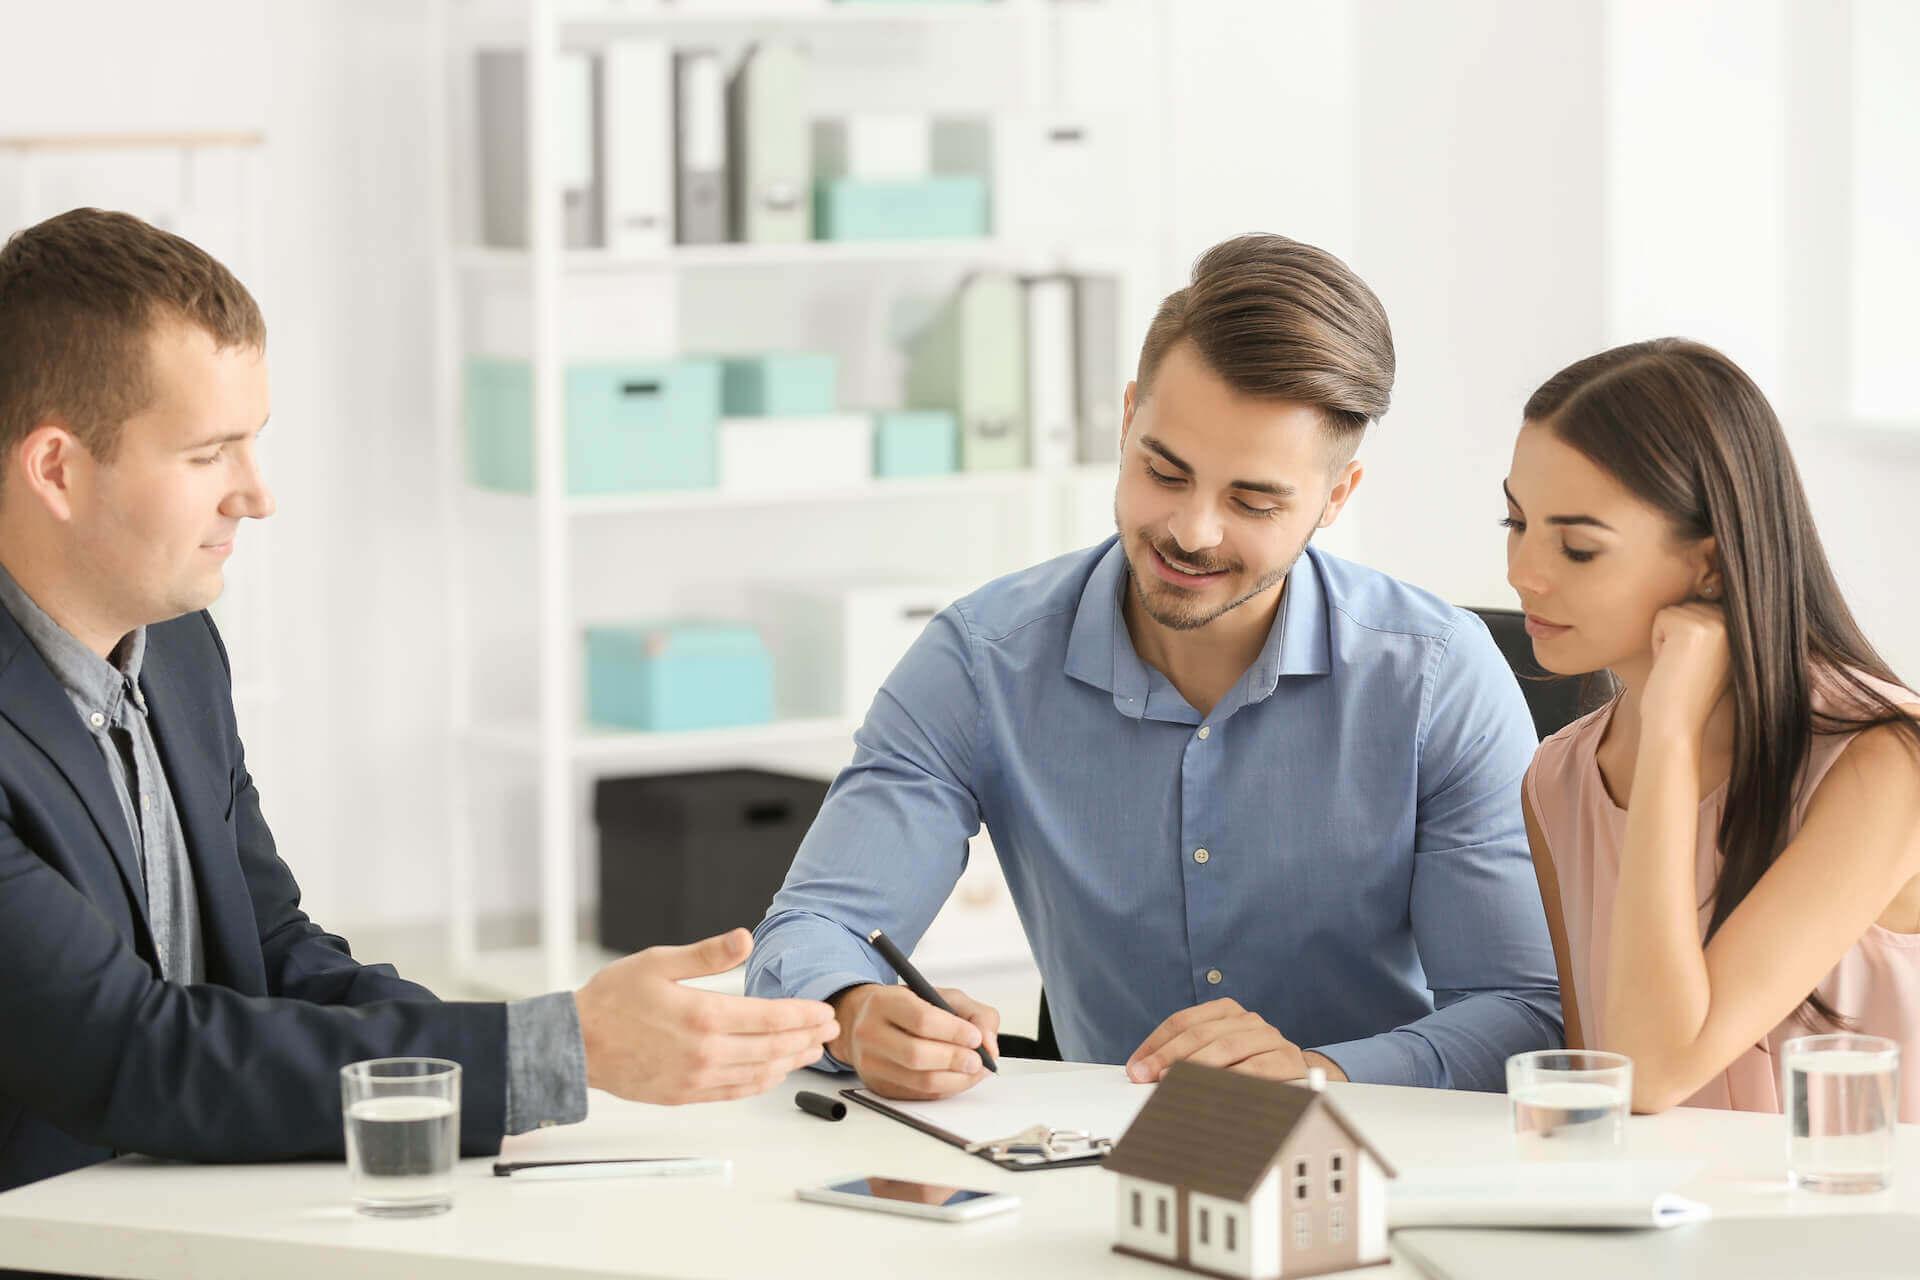 12 cose da sapere per scegliere la ditta di traslochi - contratto - Caturano Traslochi